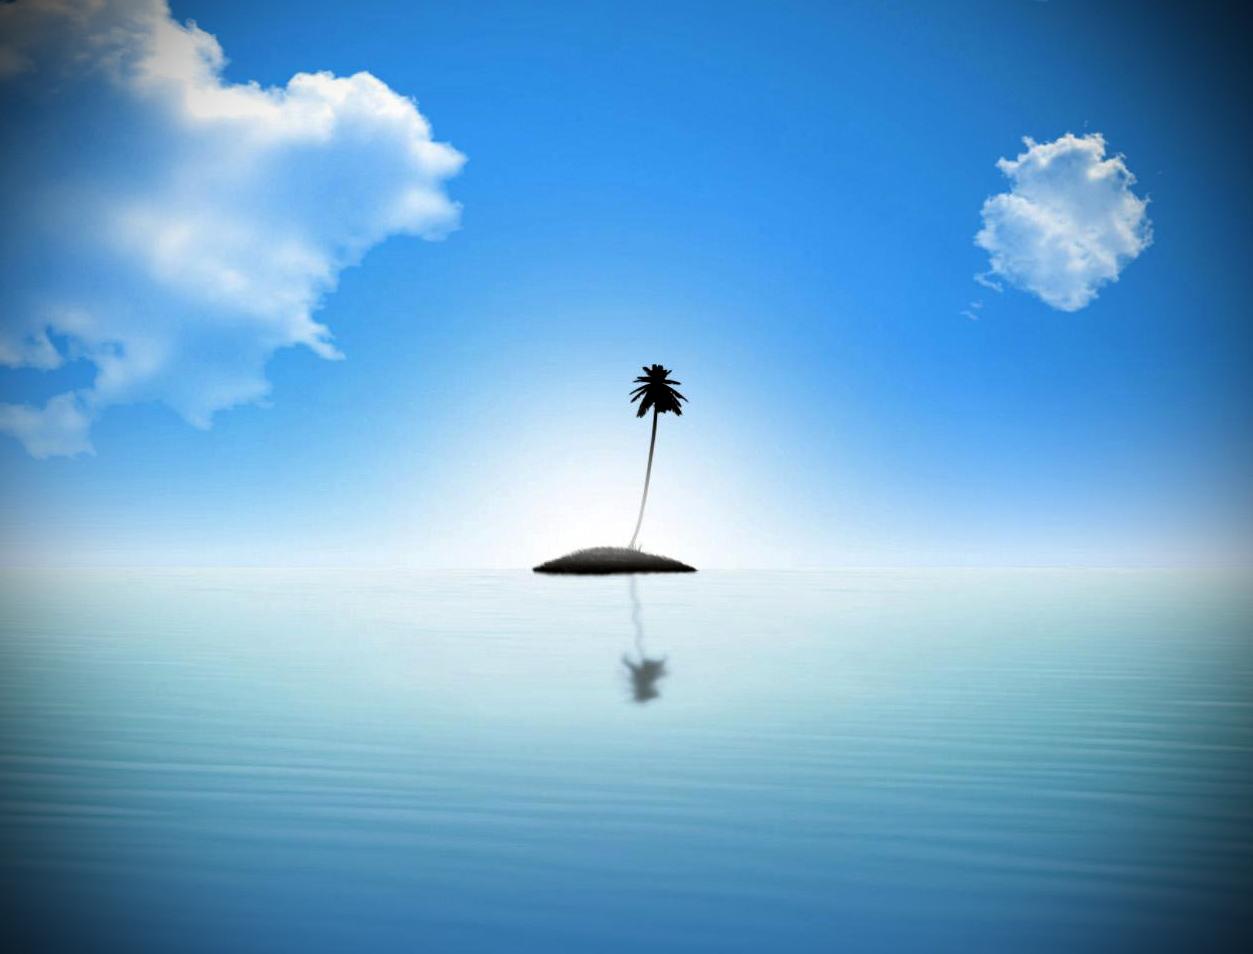 Wyspa Spichrzów - okładka